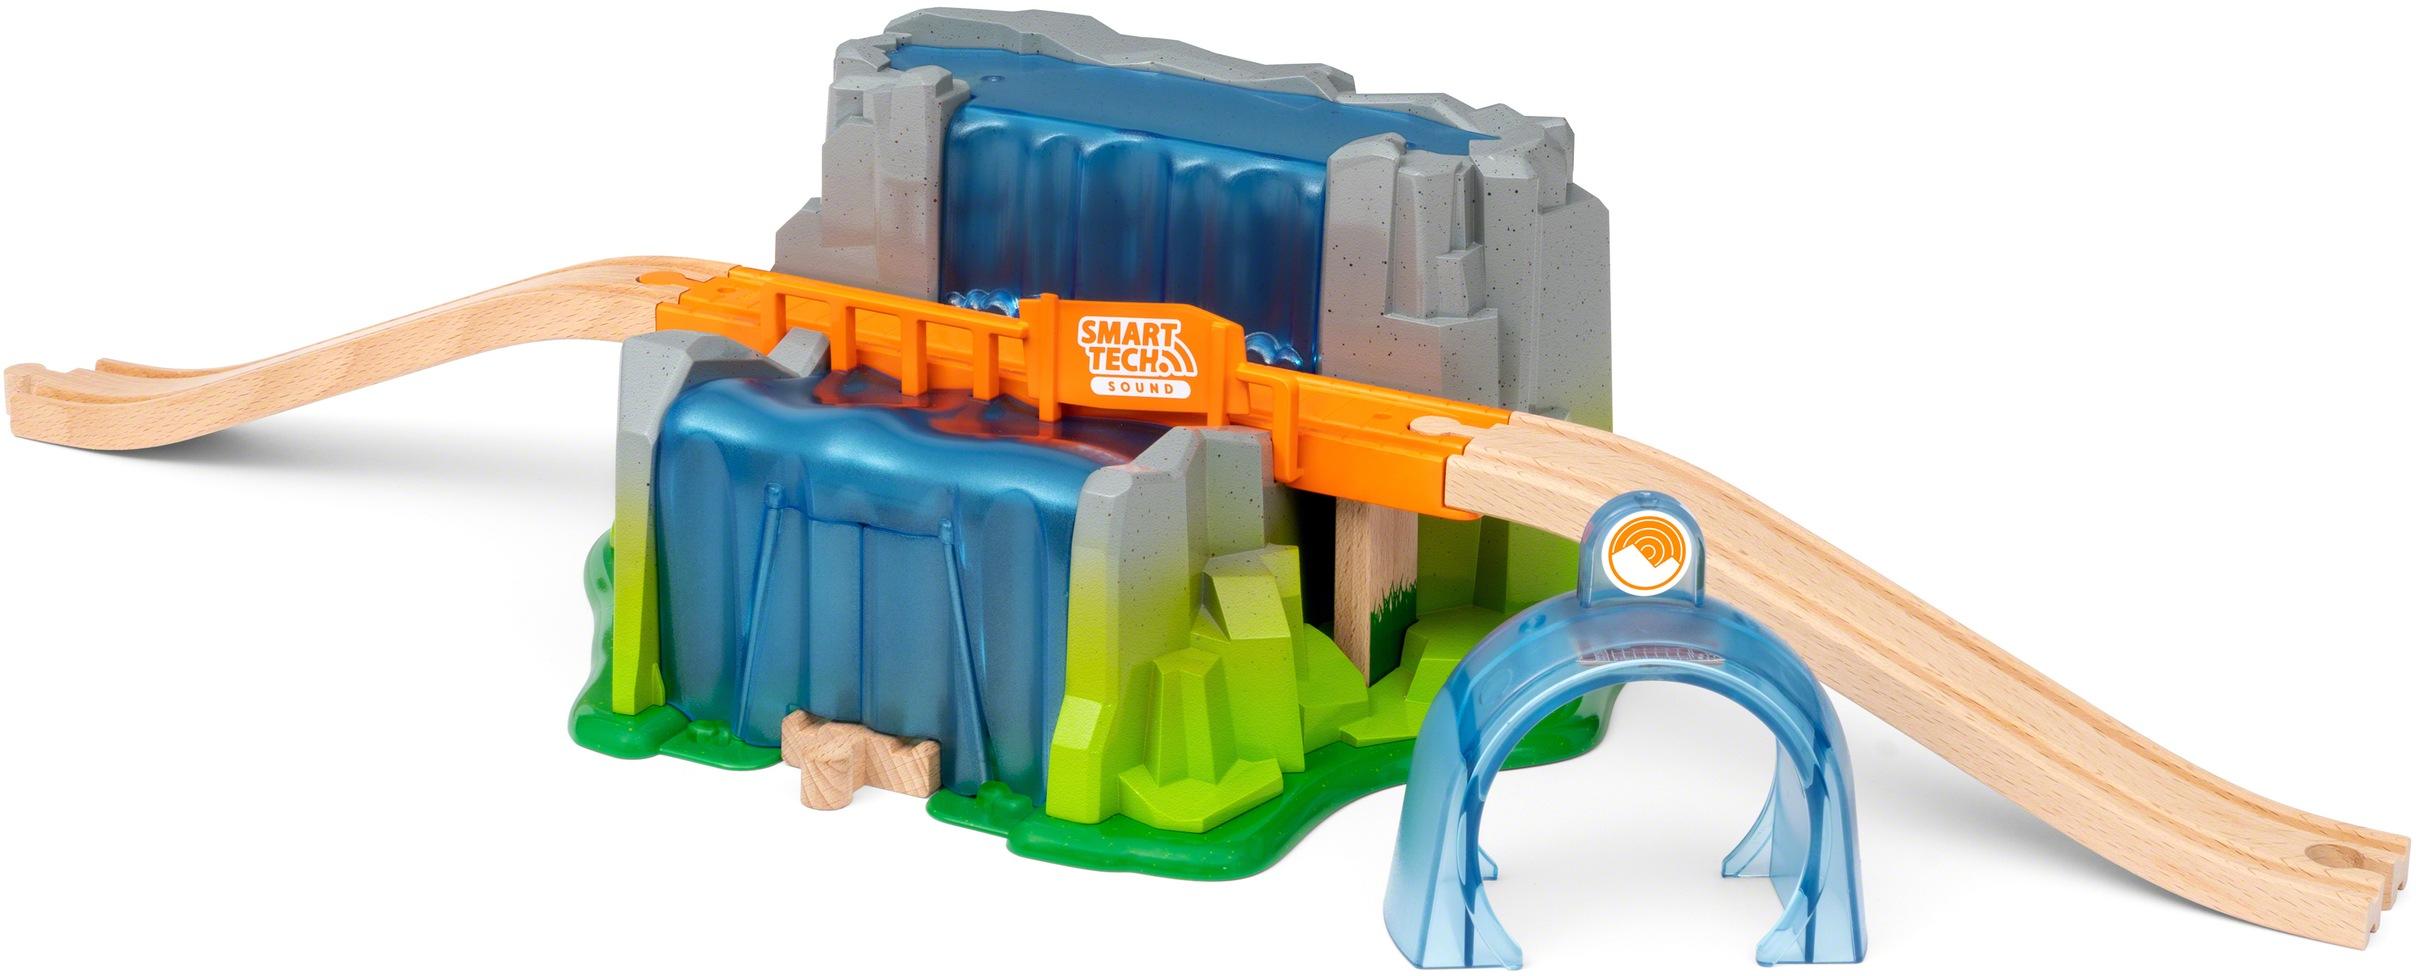 BRIO Spielzeugeisenbahn-Tunnel Smart Tech Sound Wasserfall-Tunnel, für die Brio Eisenbahn bunt Kinder Kindereisenbahnen Autos, Modellbau